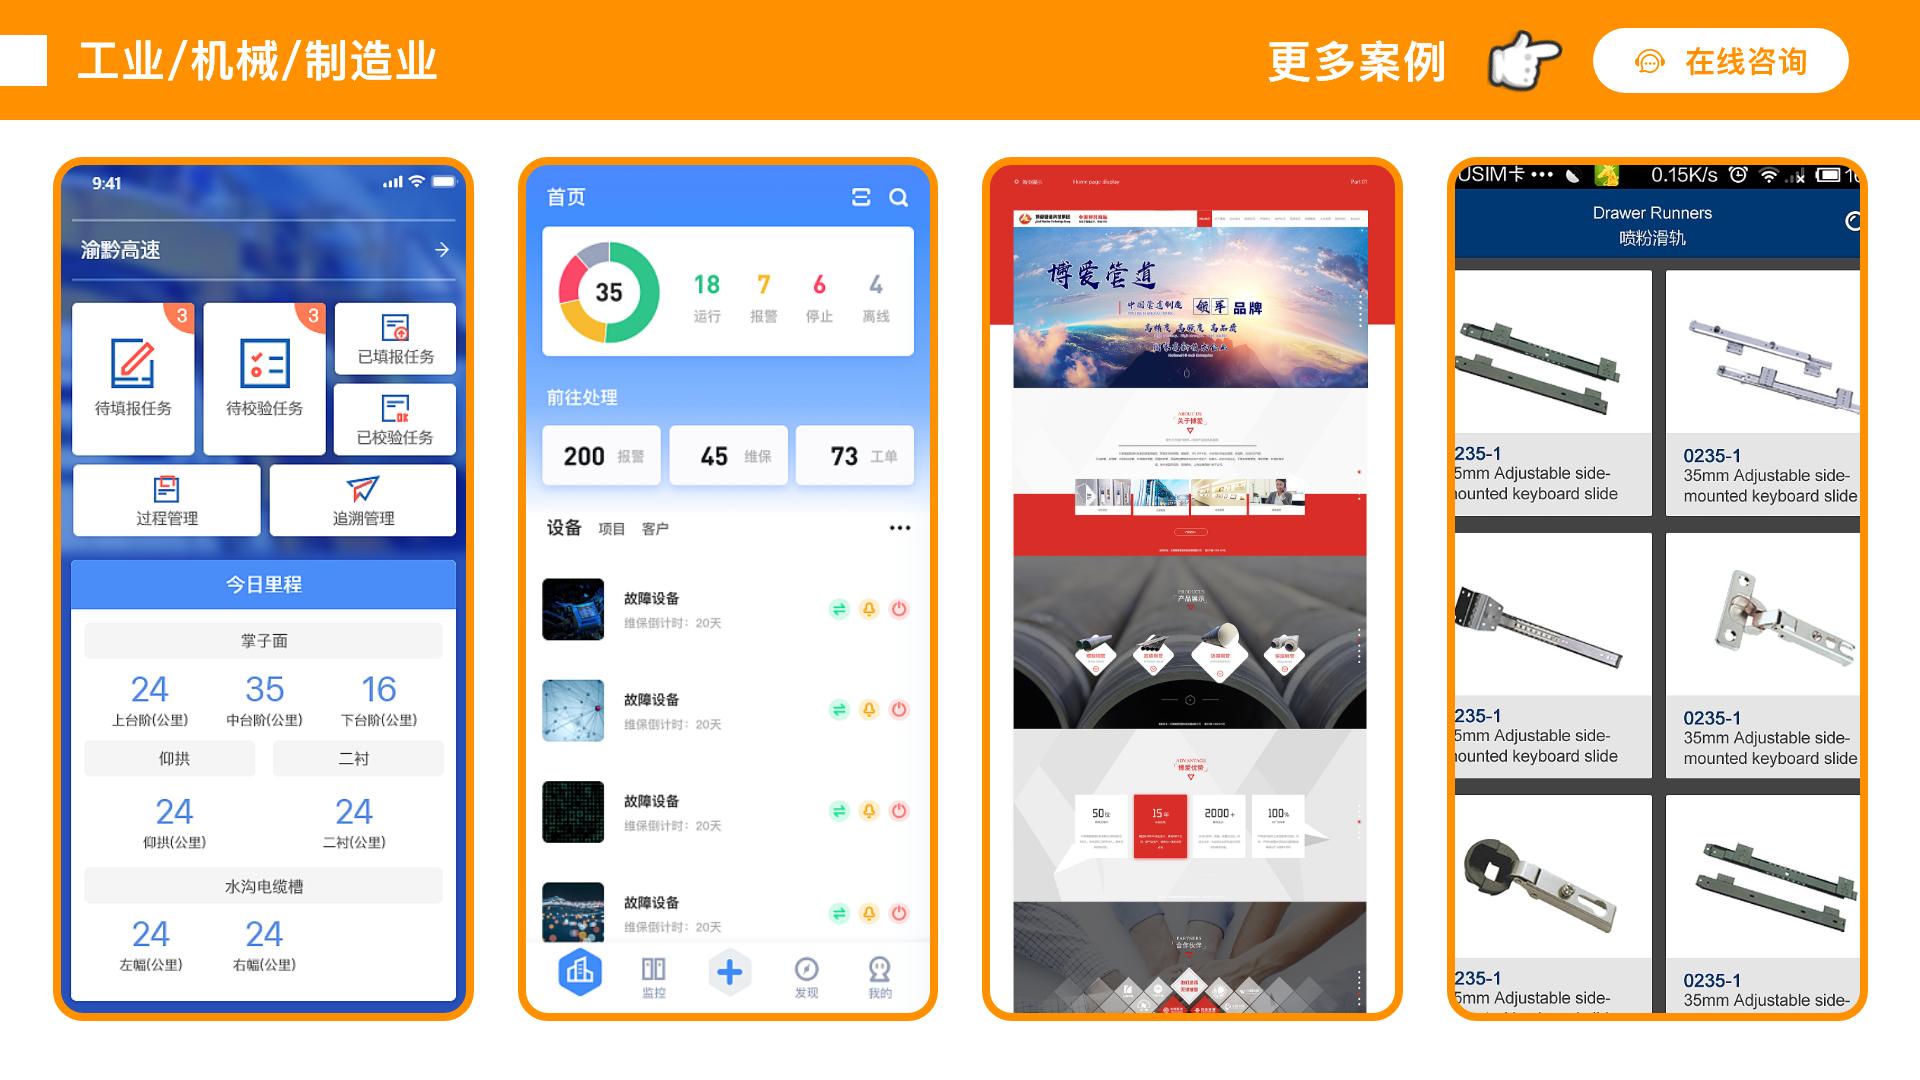 h5社交微官网商城社交分销微信公众号开发微信小程序定制开发